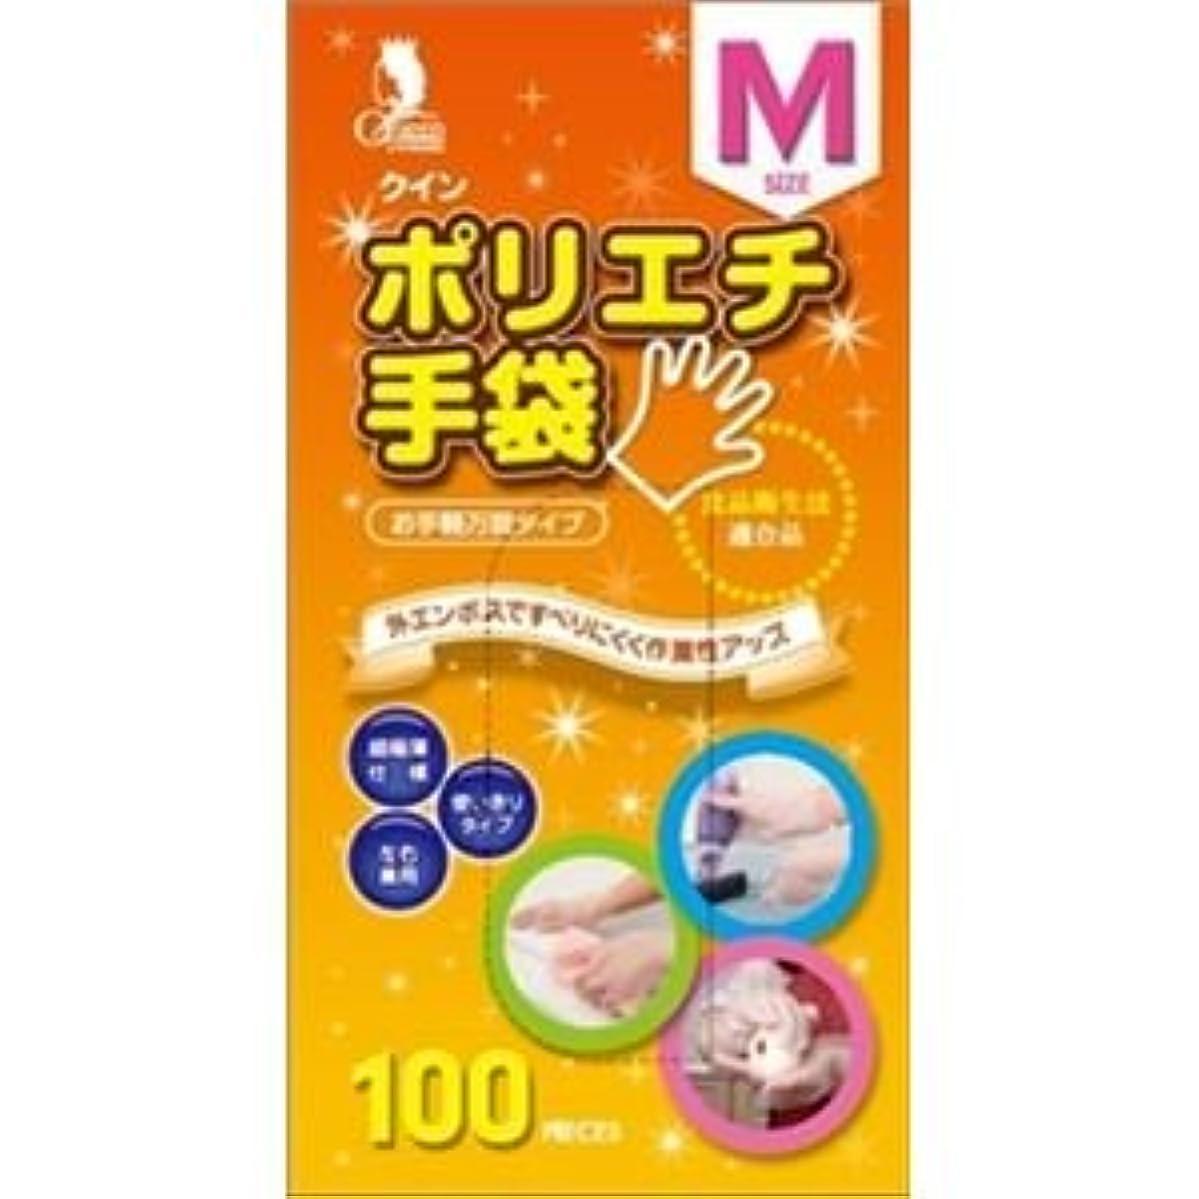 反発する優越小康(まとめ)宇都宮製作 クインポリエチ手袋100枚入 M (N) 【×5点セット】